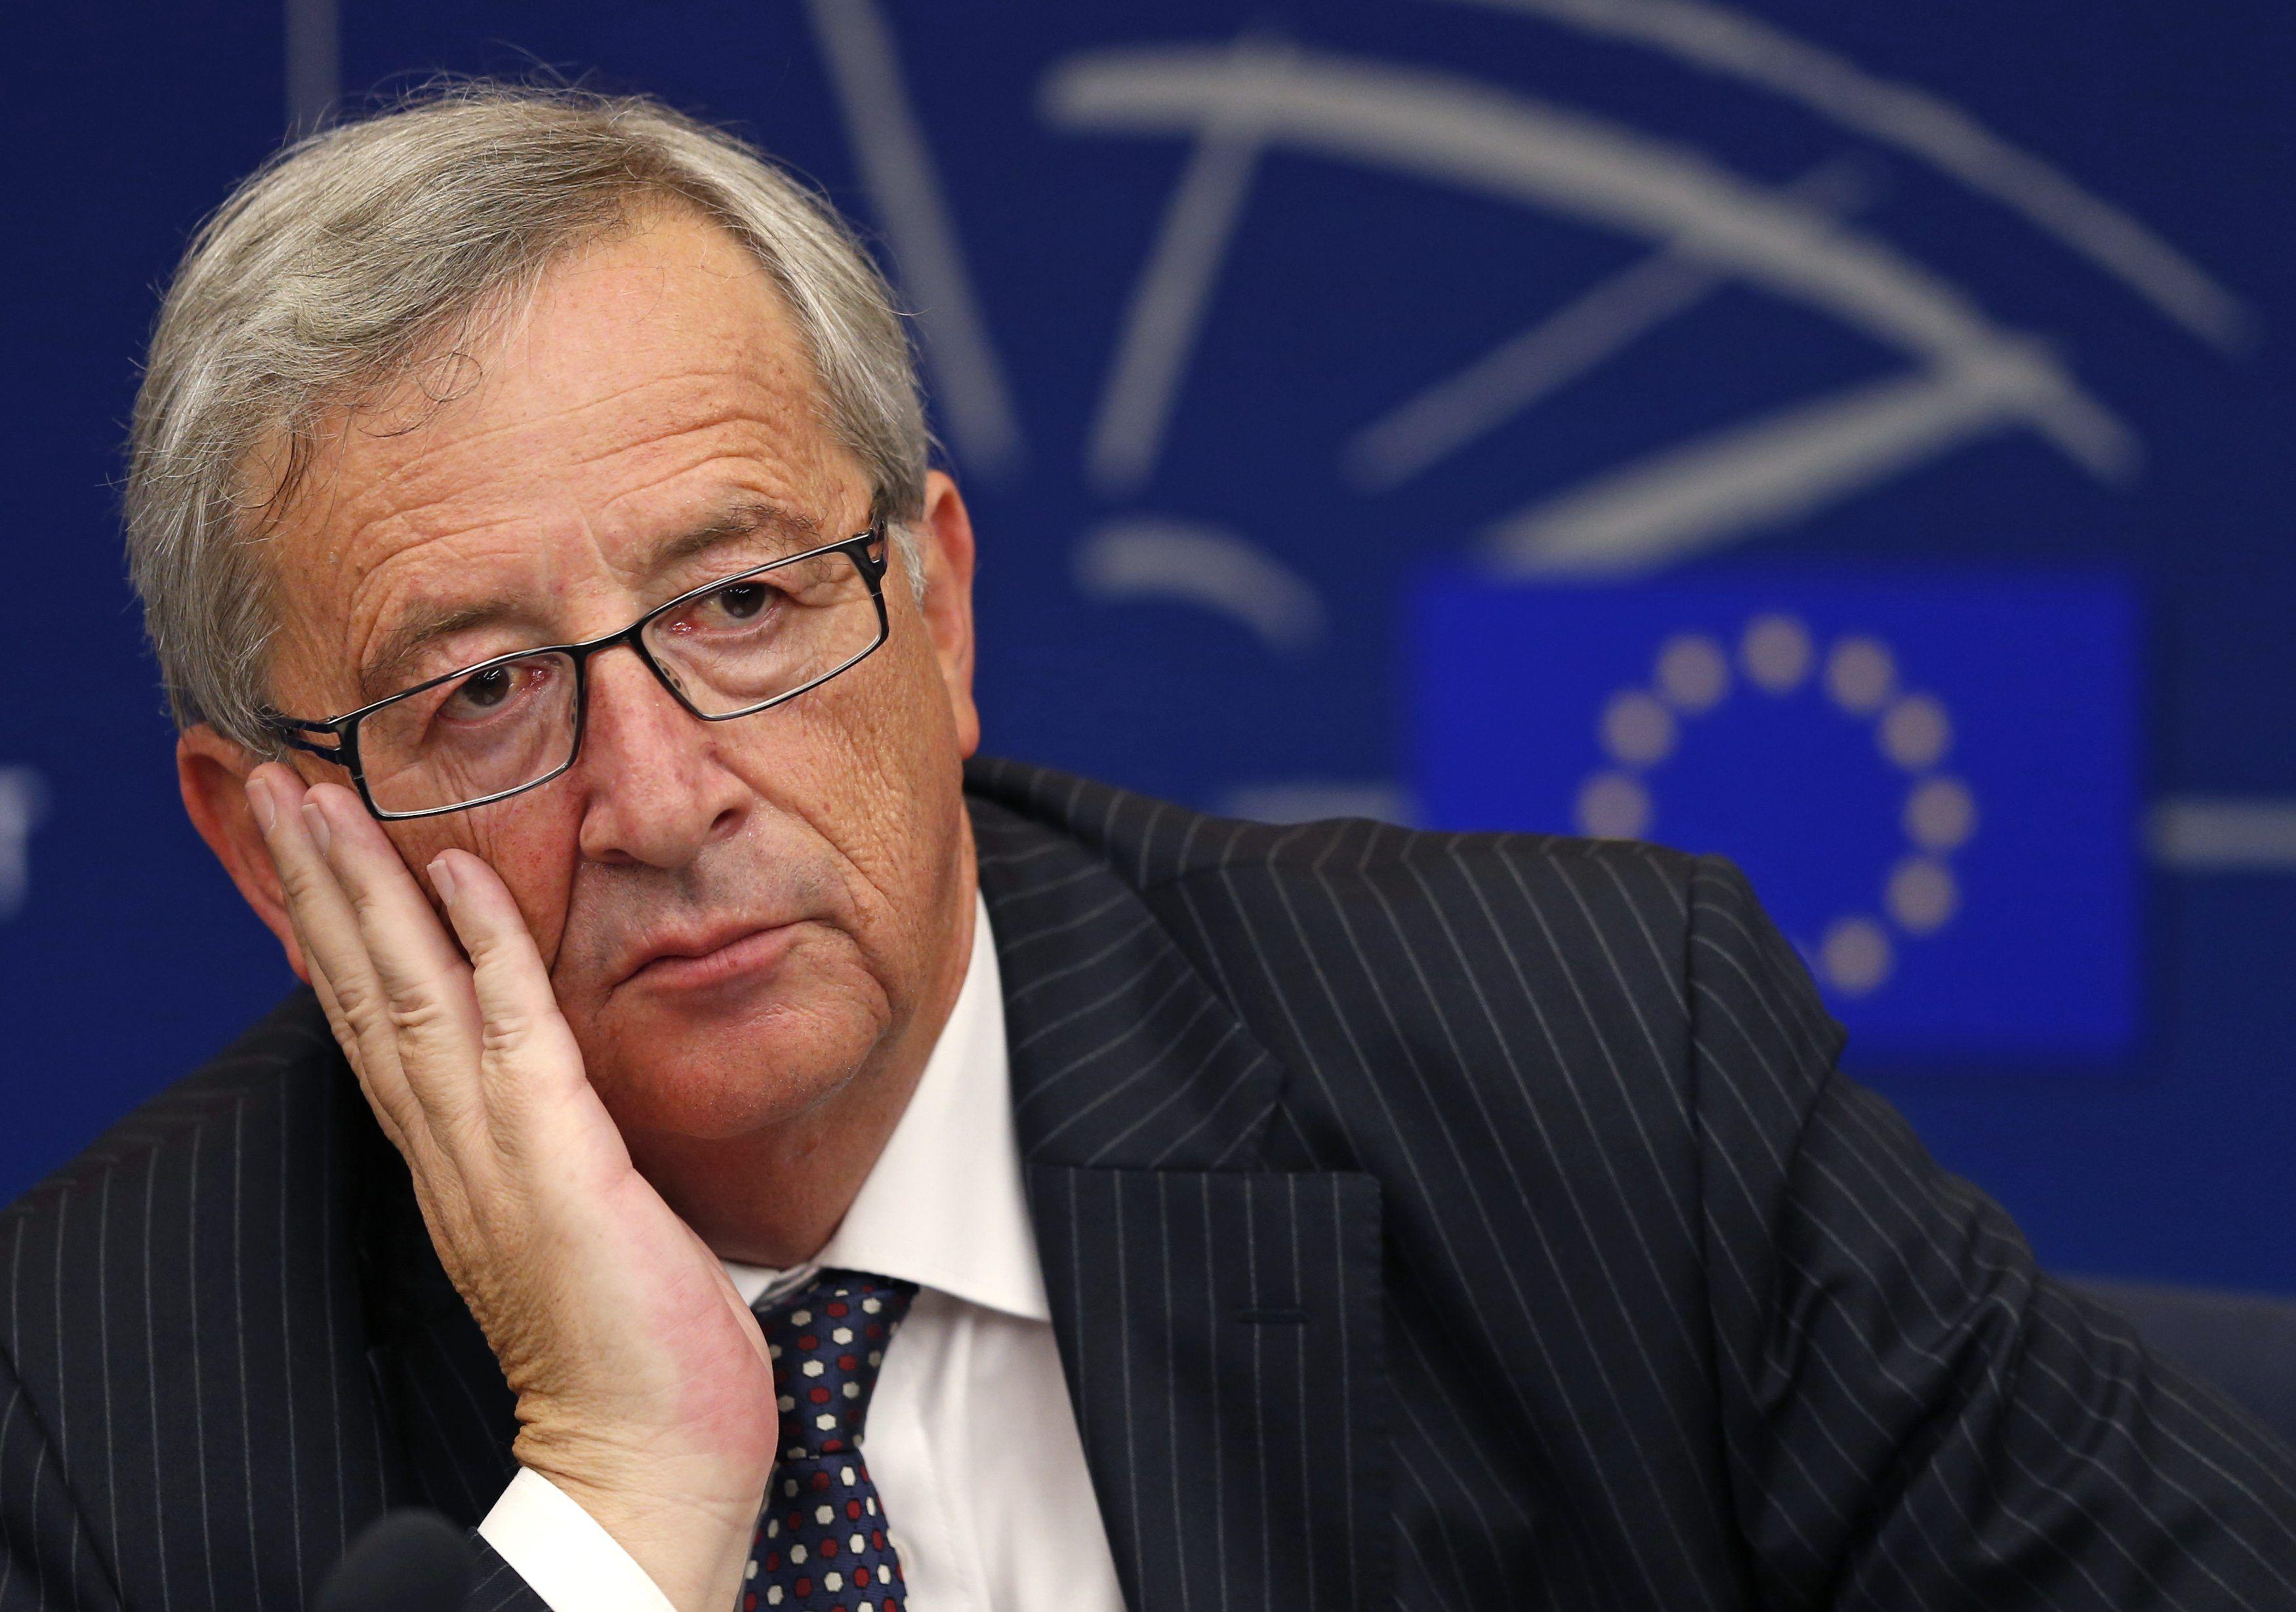 Глава Еврокомиссии Юнкер экстренно госпитализирован